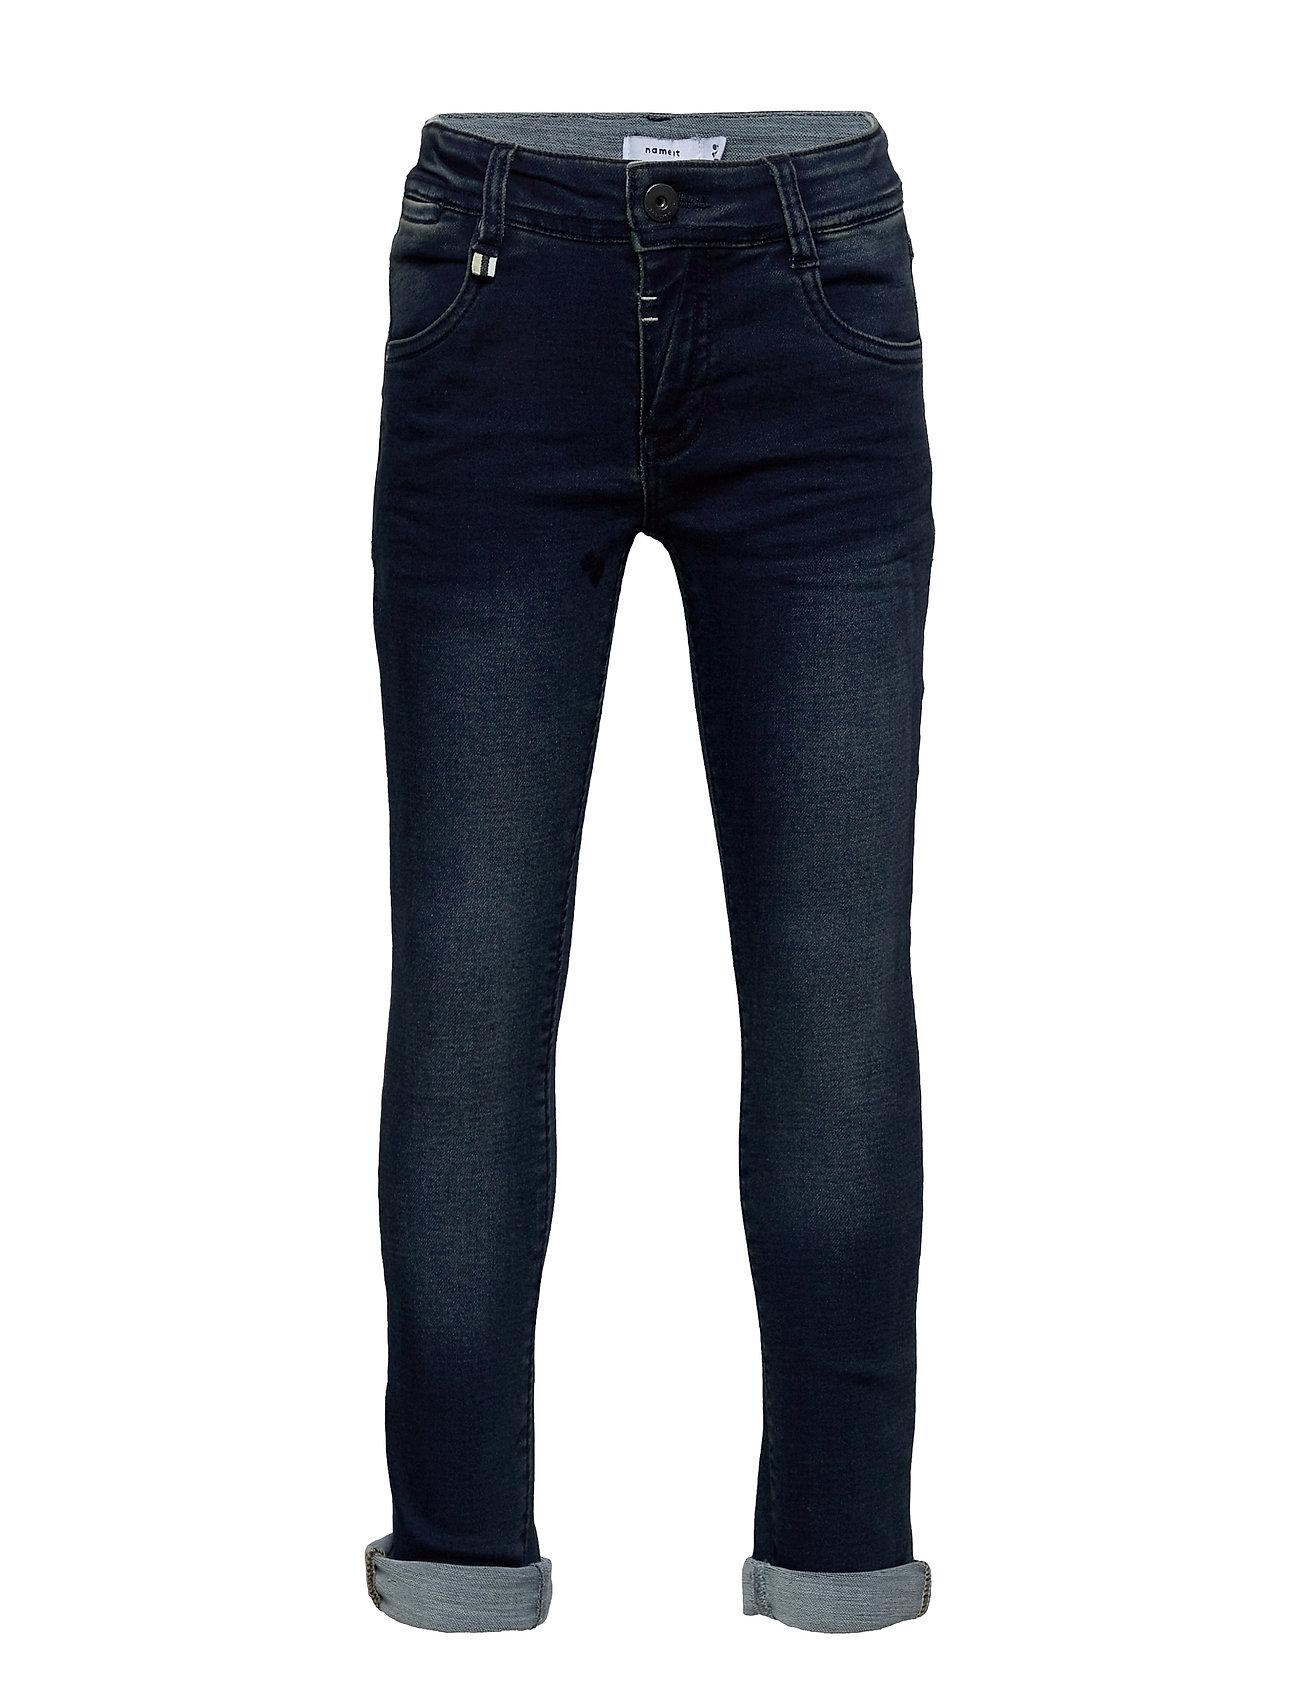 Nkmrobin Dnmtobos 3538 Swe Pant Jeans Blå Name It